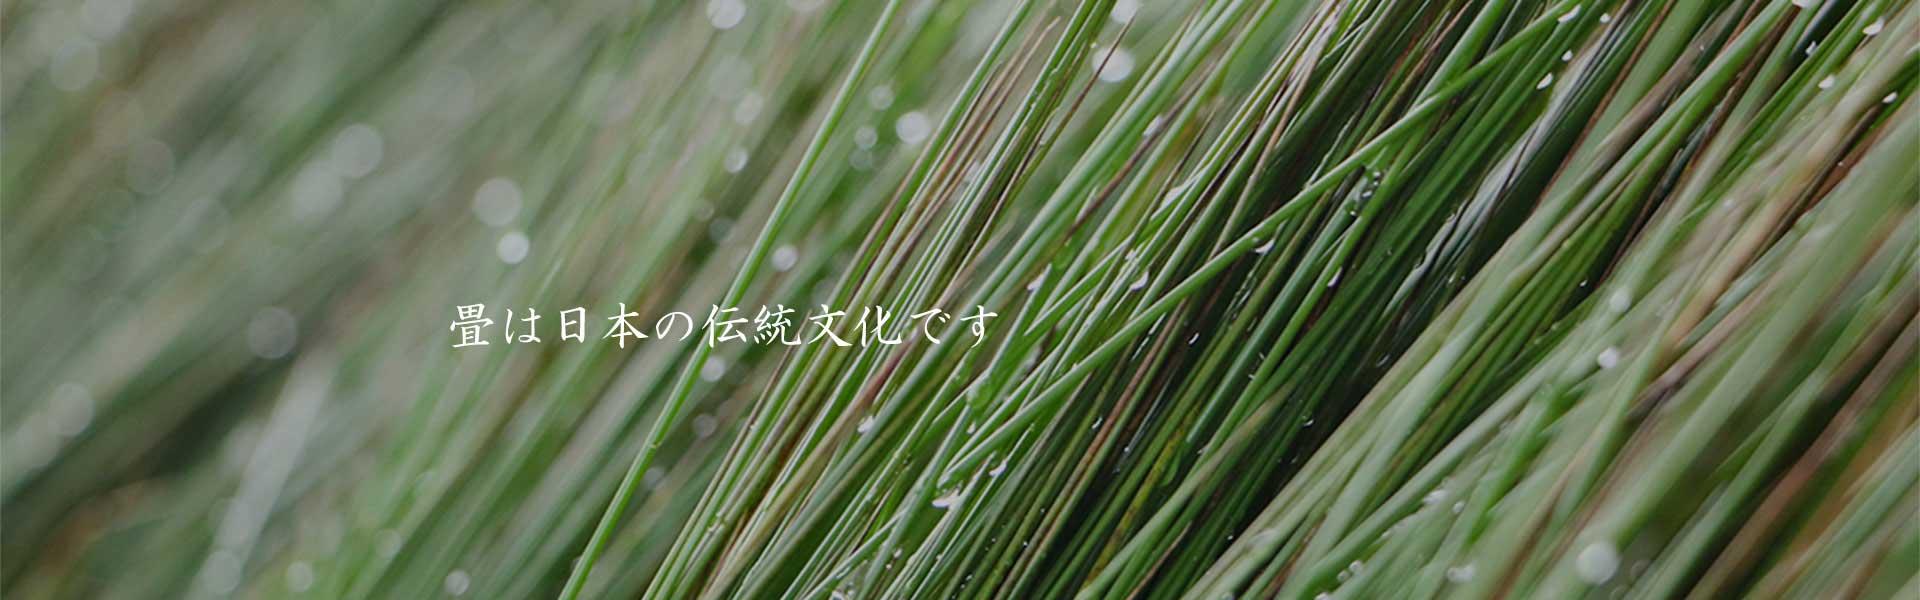 tatami-japan